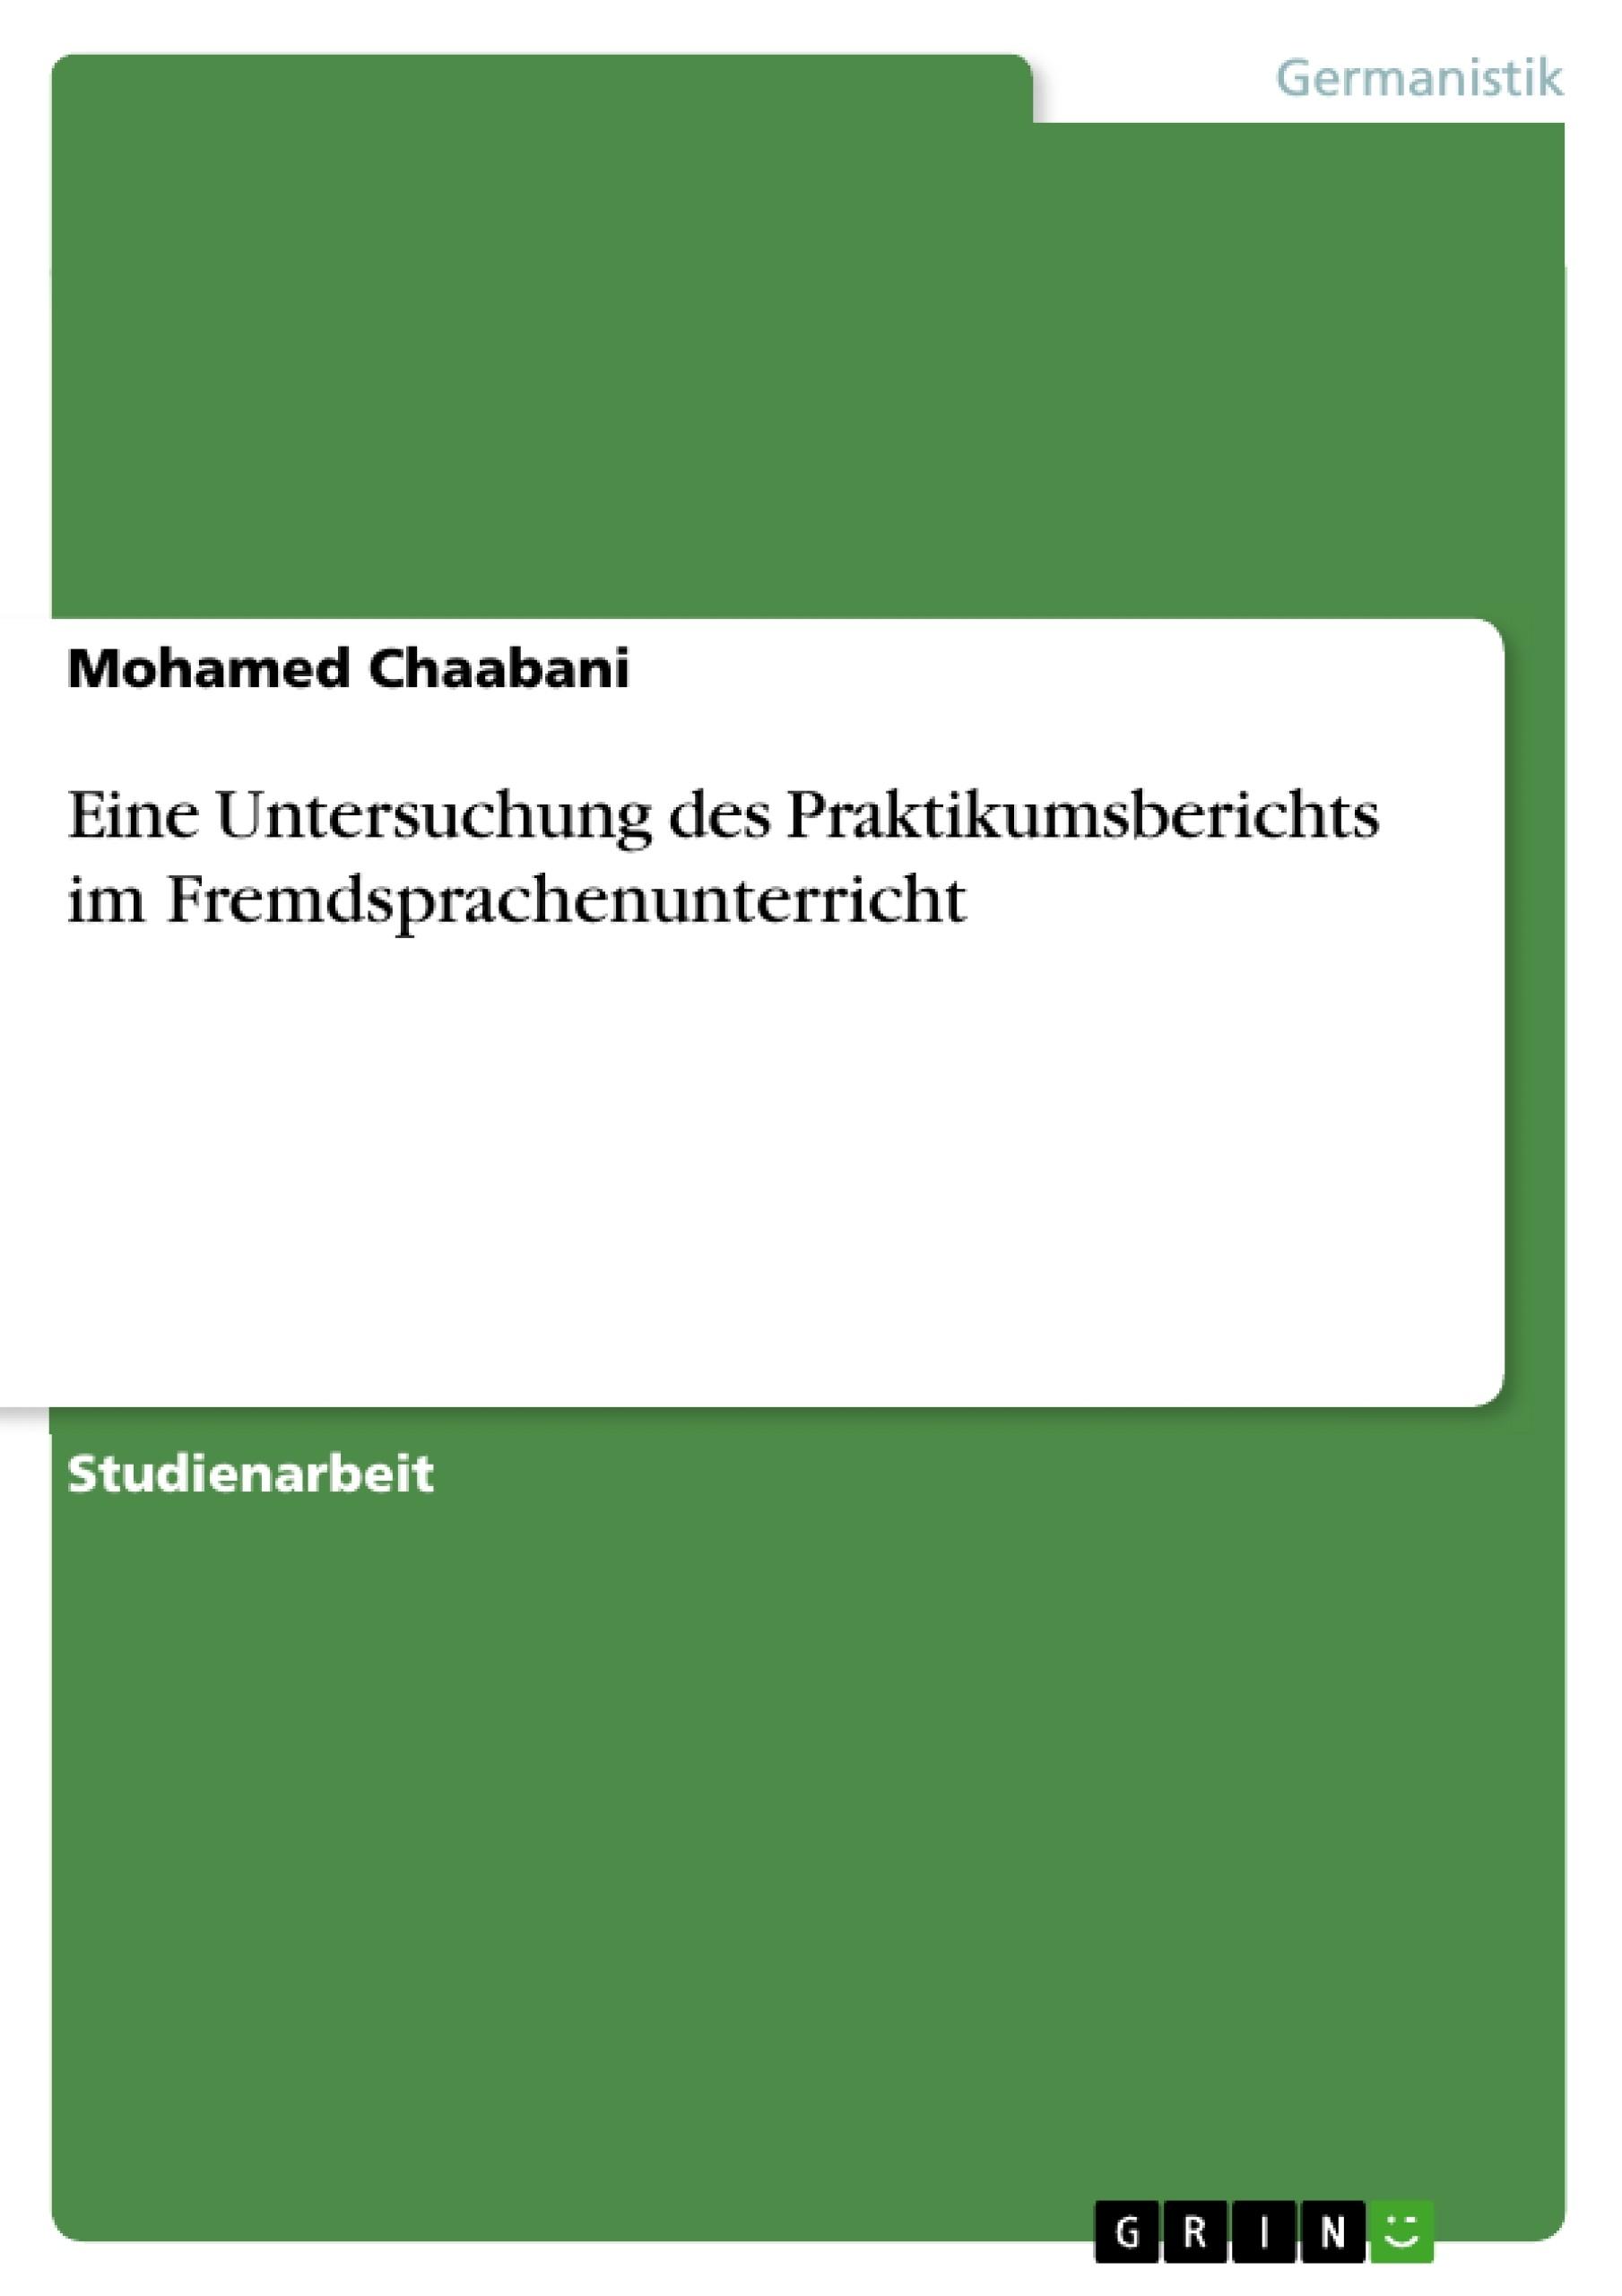 Titel: Eine Untersuchung des Praktikumsberichts im Fremdsprachenunterricht